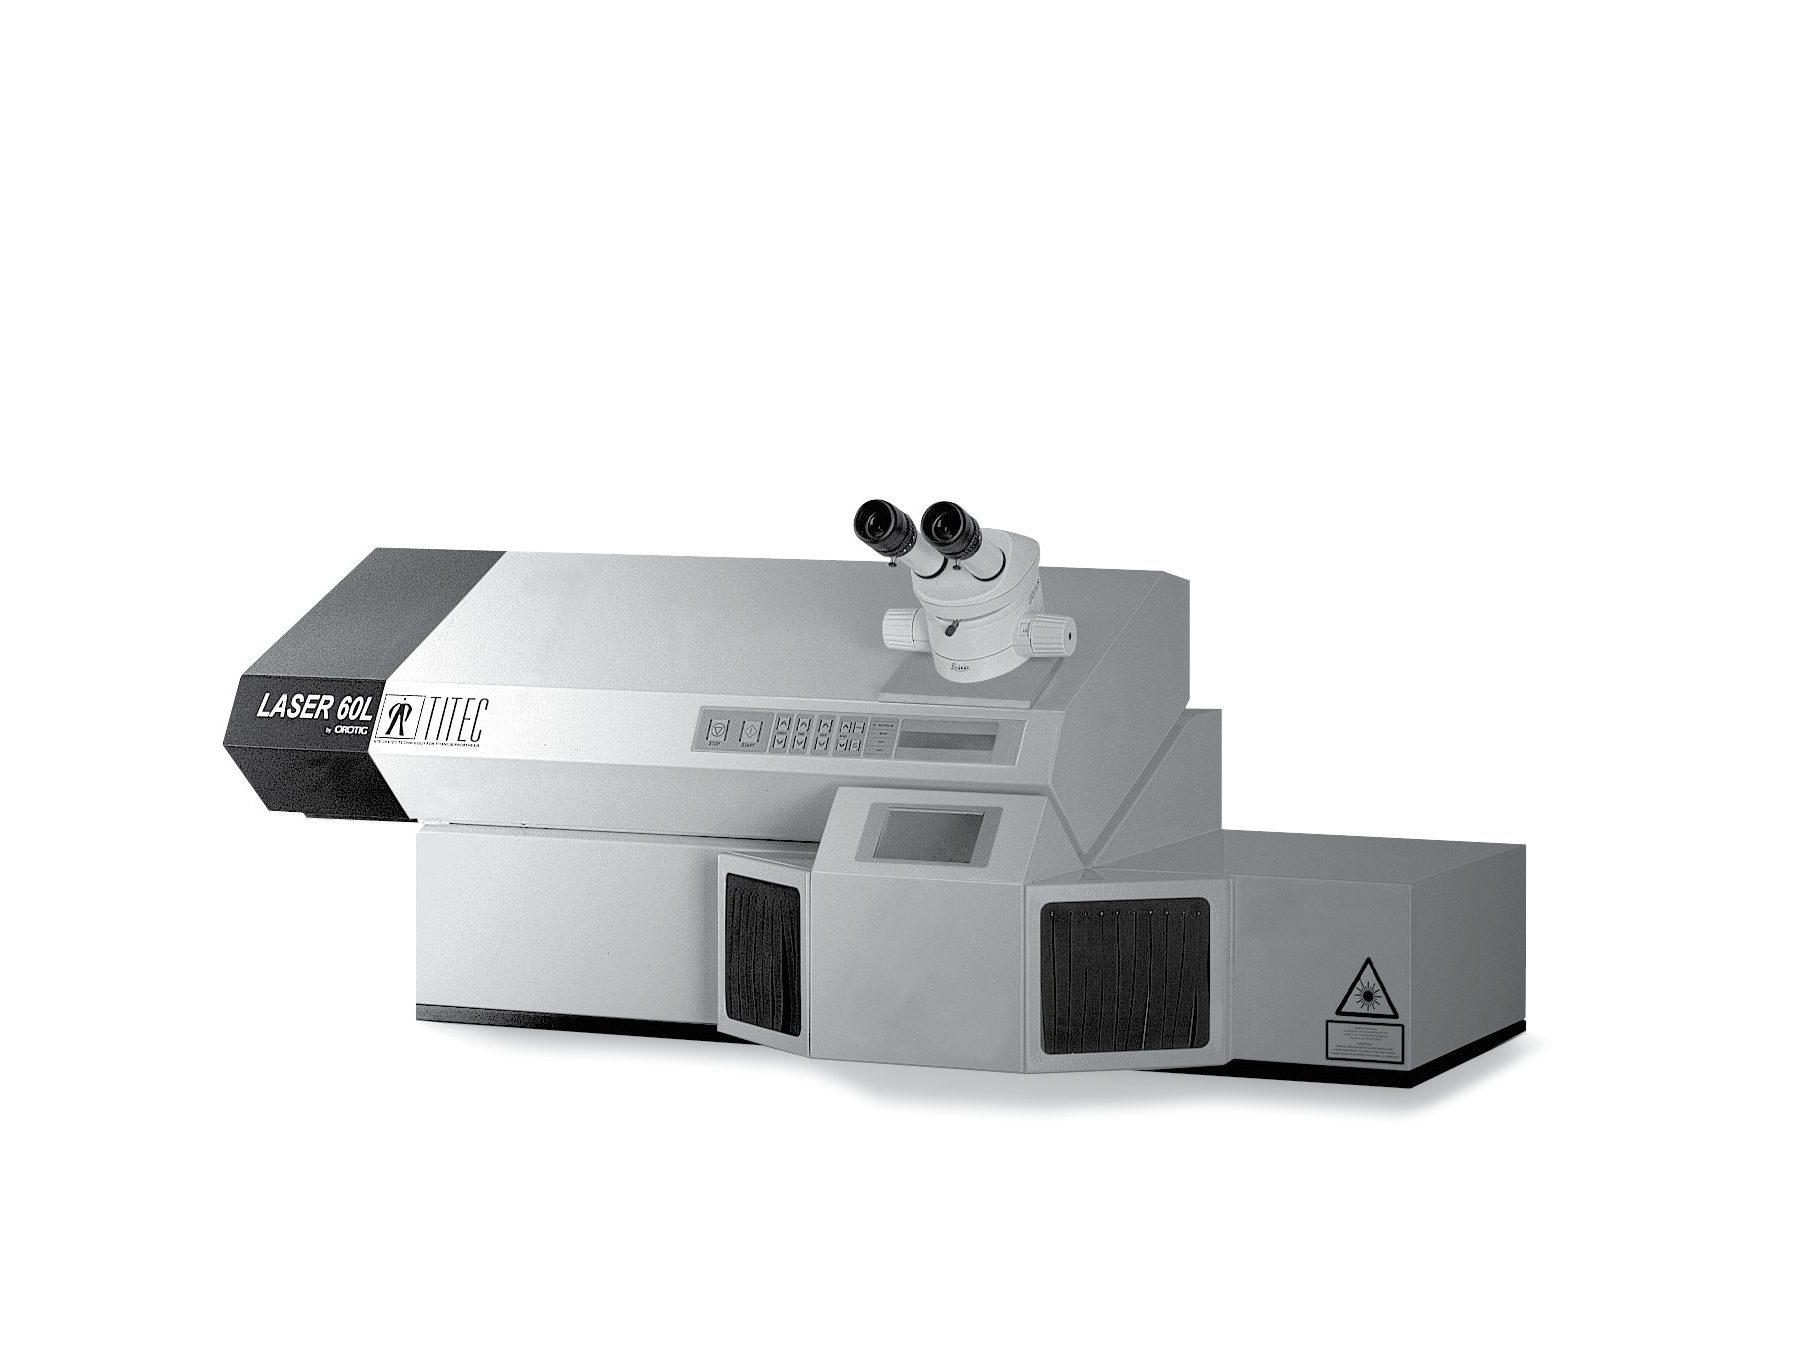 031 PORTFOLIO OROTIG TITEC 60L Industrial design di macchina per Saldatura Laser